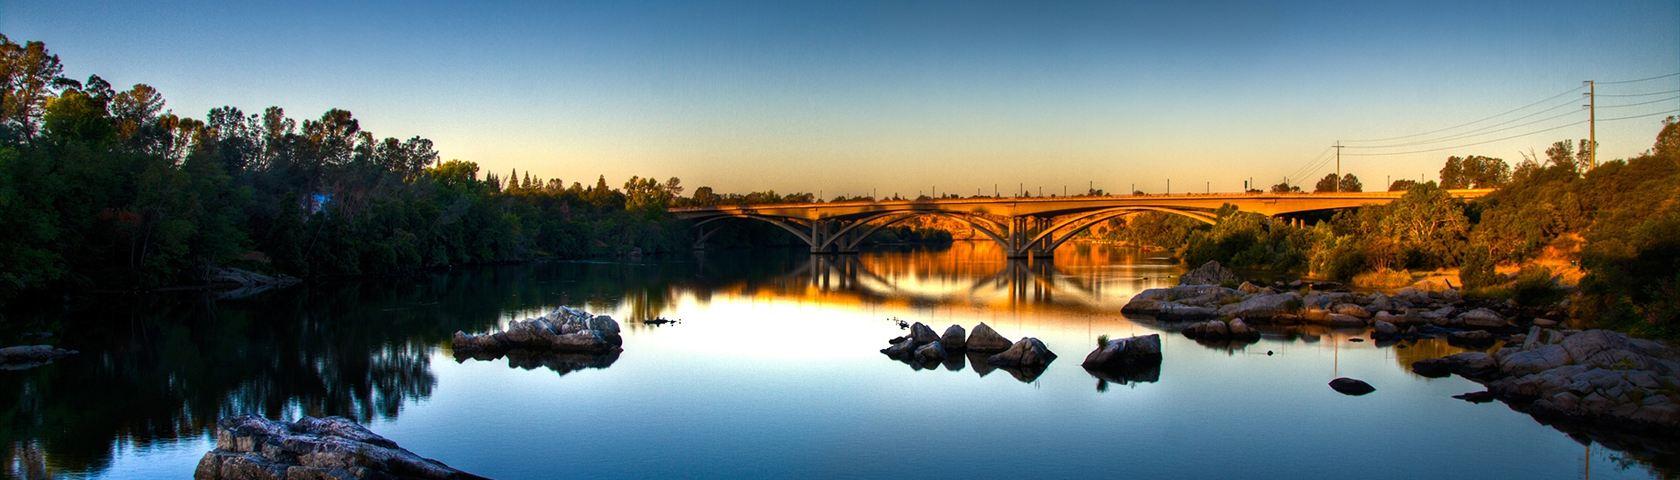 Bridge over Deep Blue Water